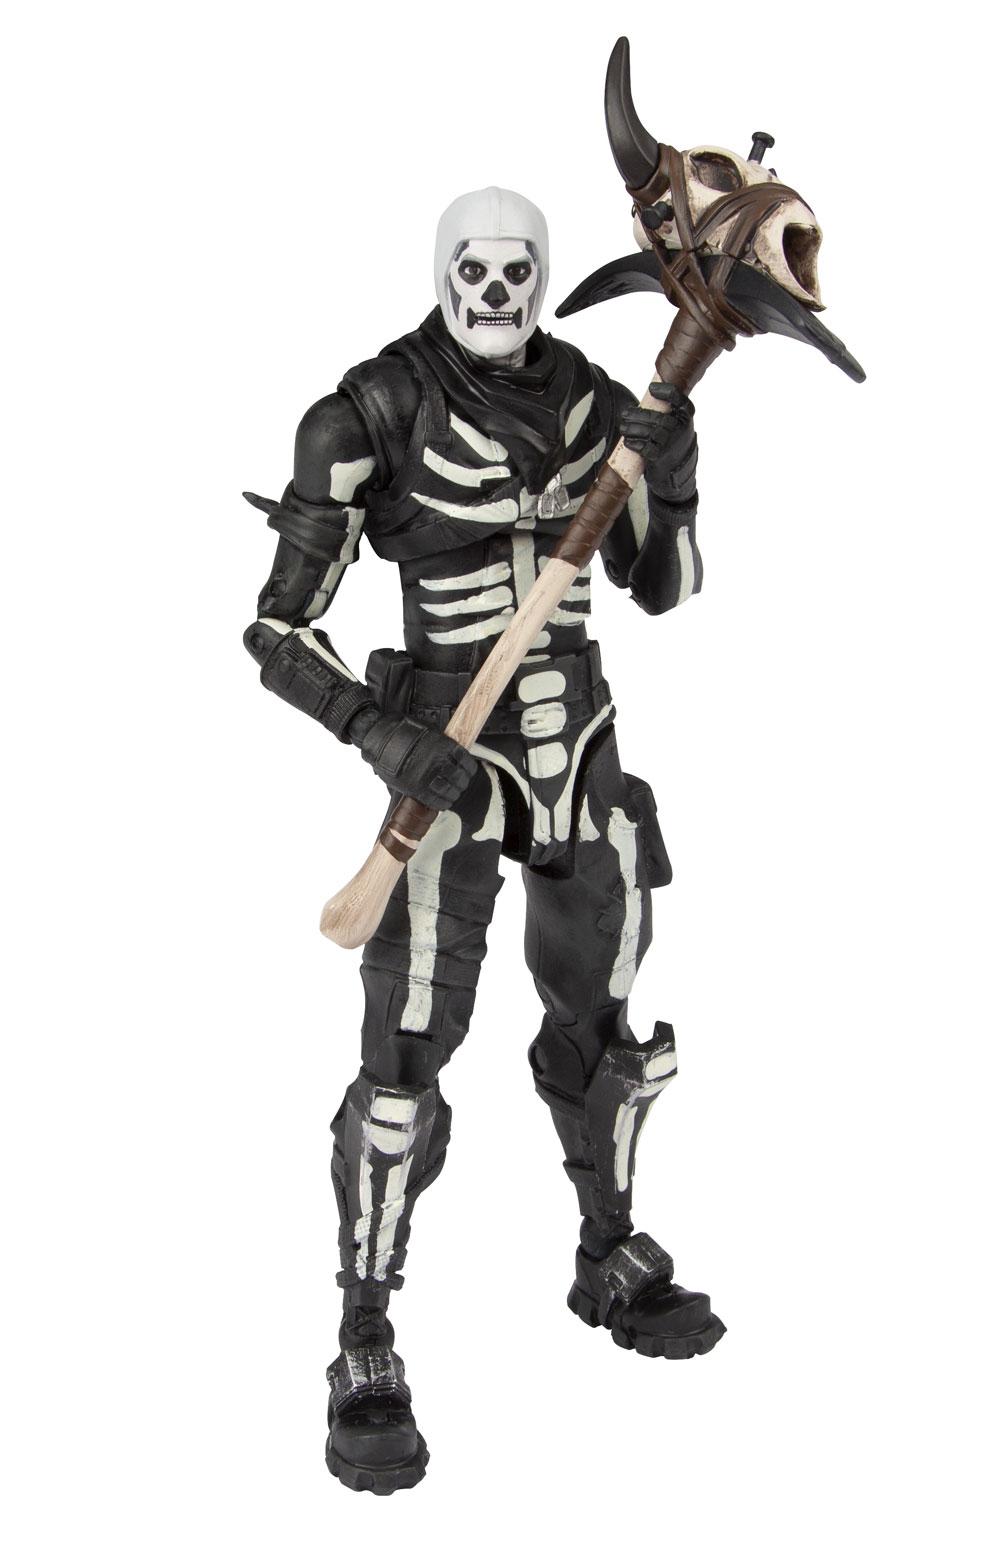 Mcfarlane Toys Fortnite Skull Trooper Raptor Black